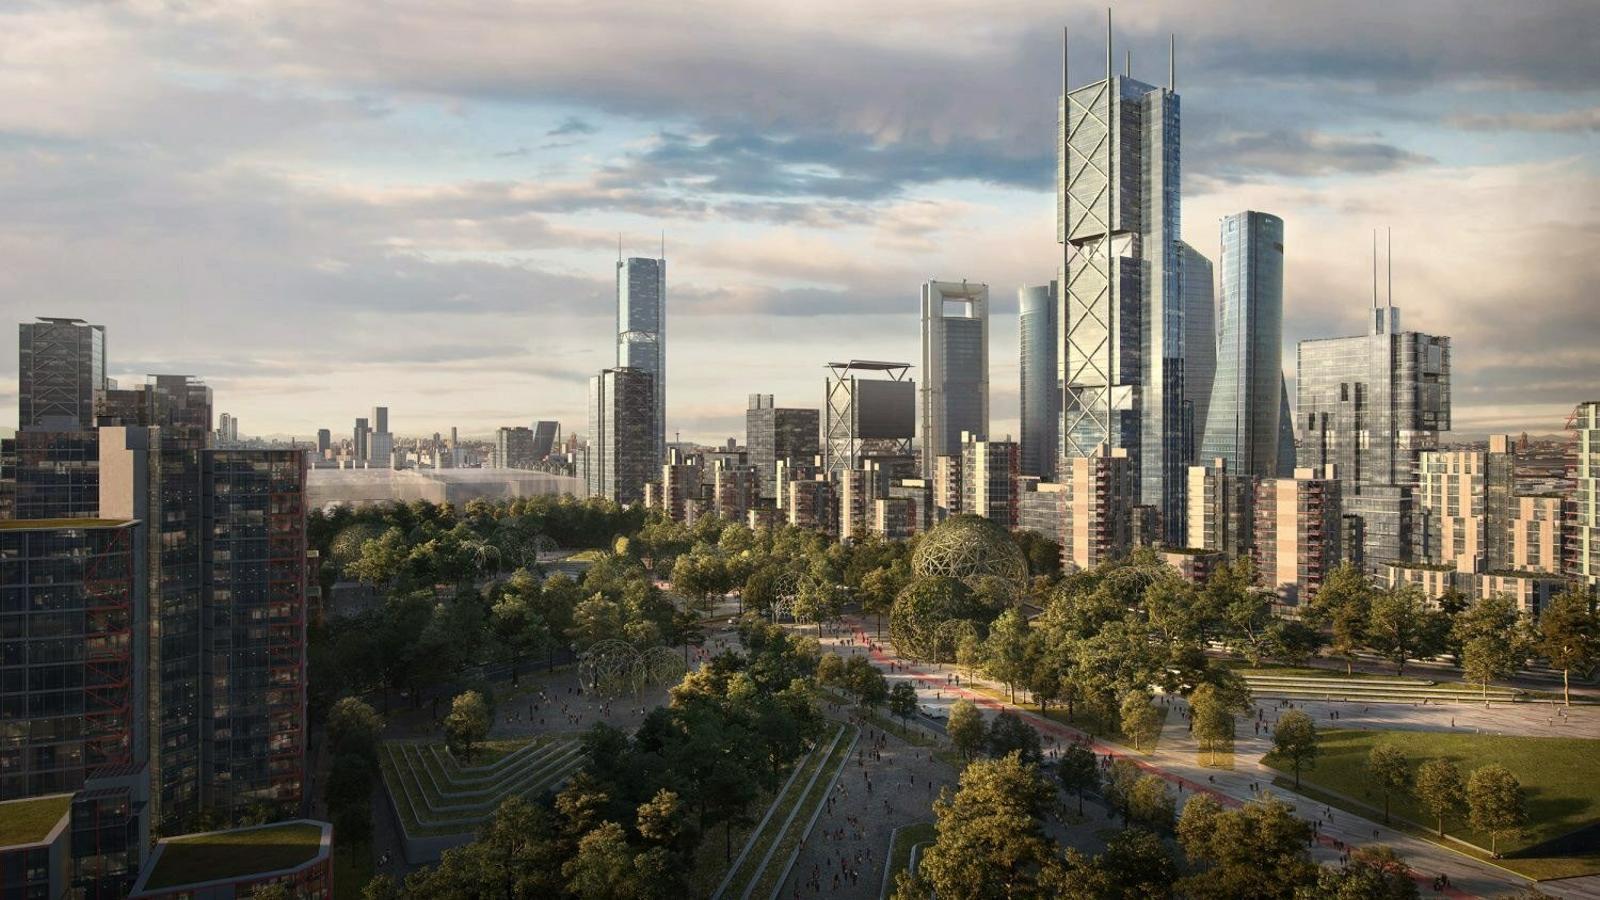 Madrid aprova l''operació Chamartín', el seu projecte urbanístic més gran, després de dècades de bloqueig